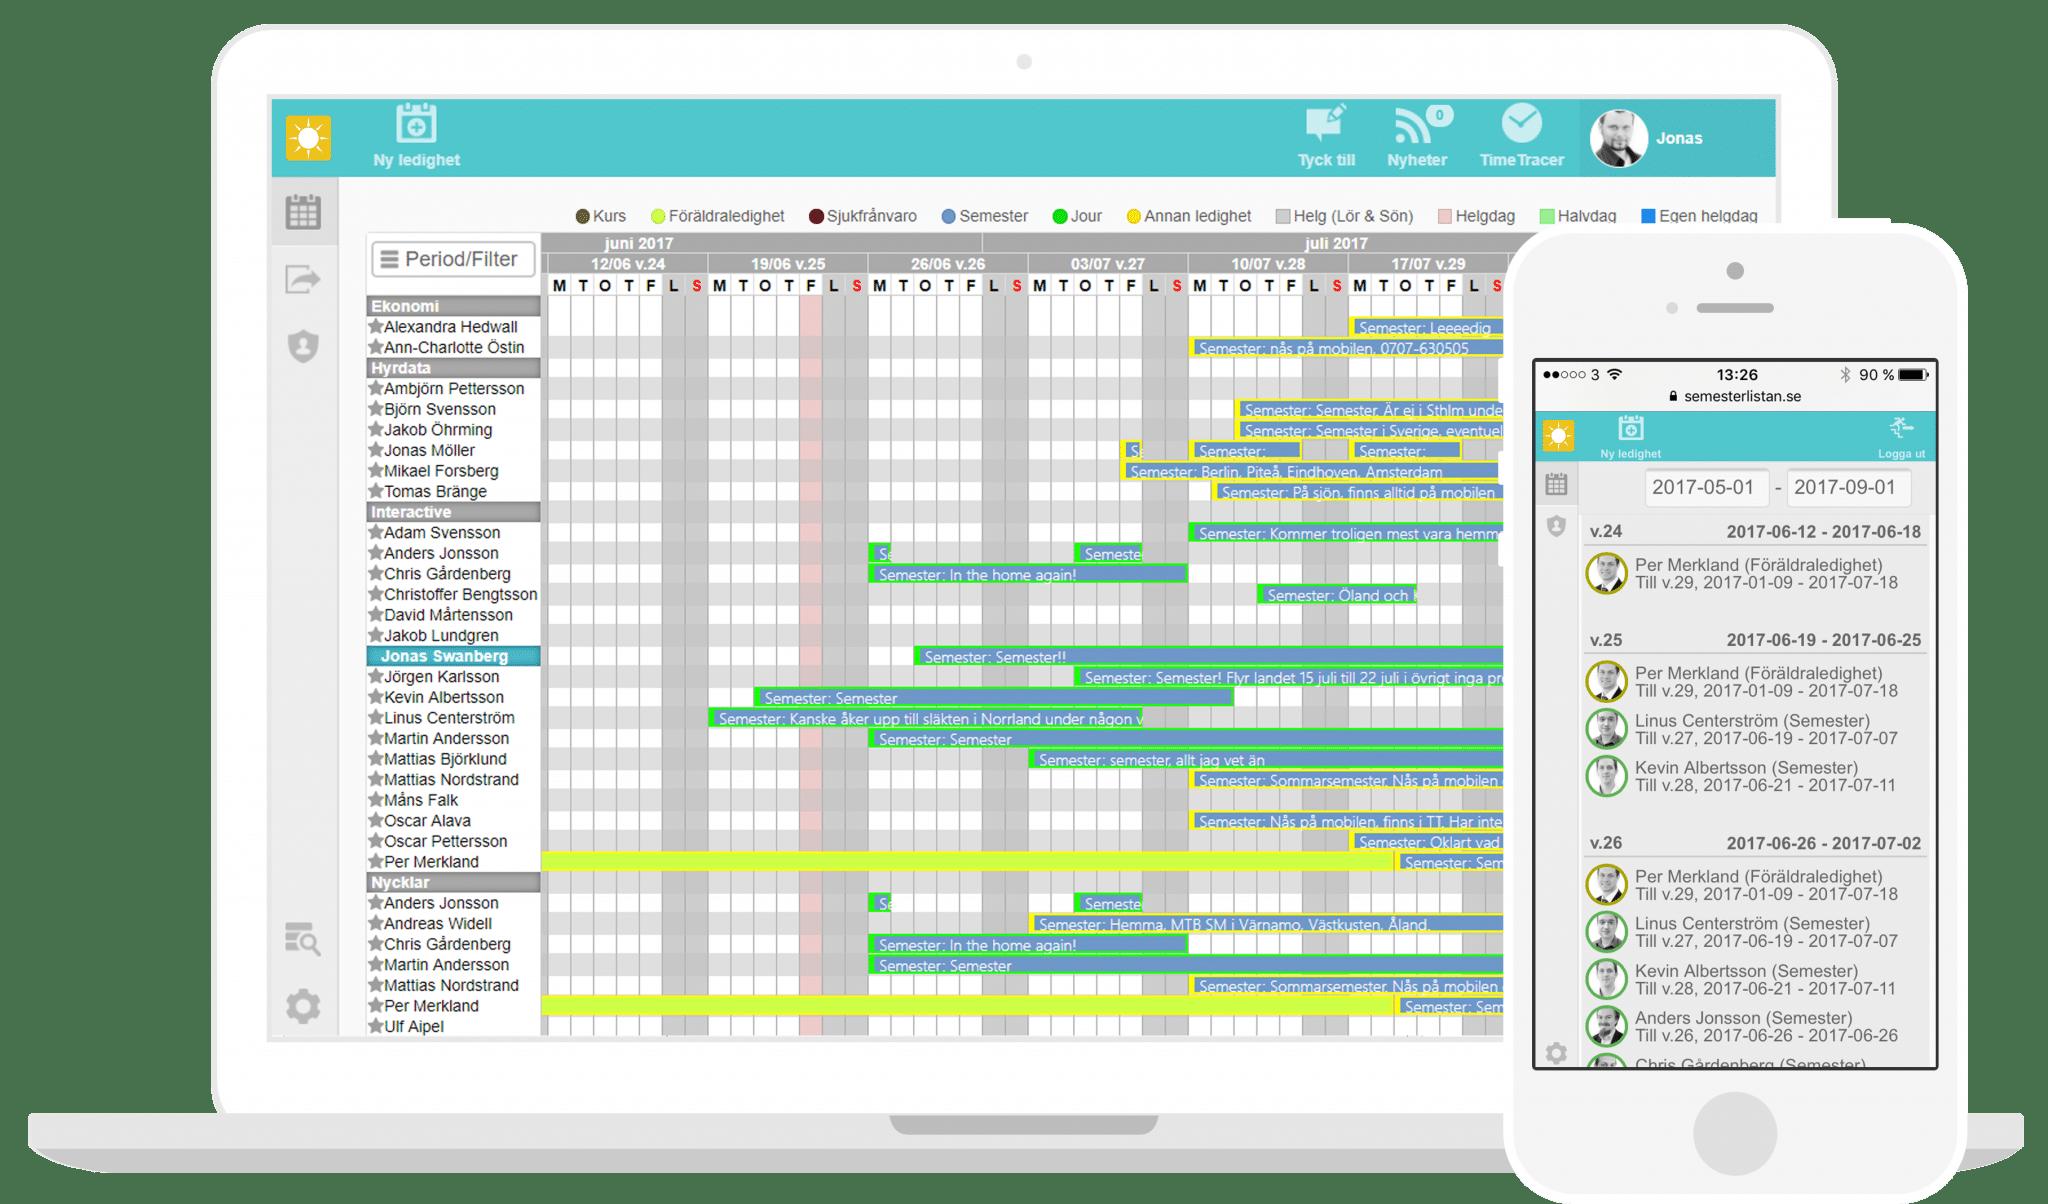 I din semesterlista så får du en komplett bild av ledighetsperioderna. Exportera sedan enkelt din semesterlista till andra system.